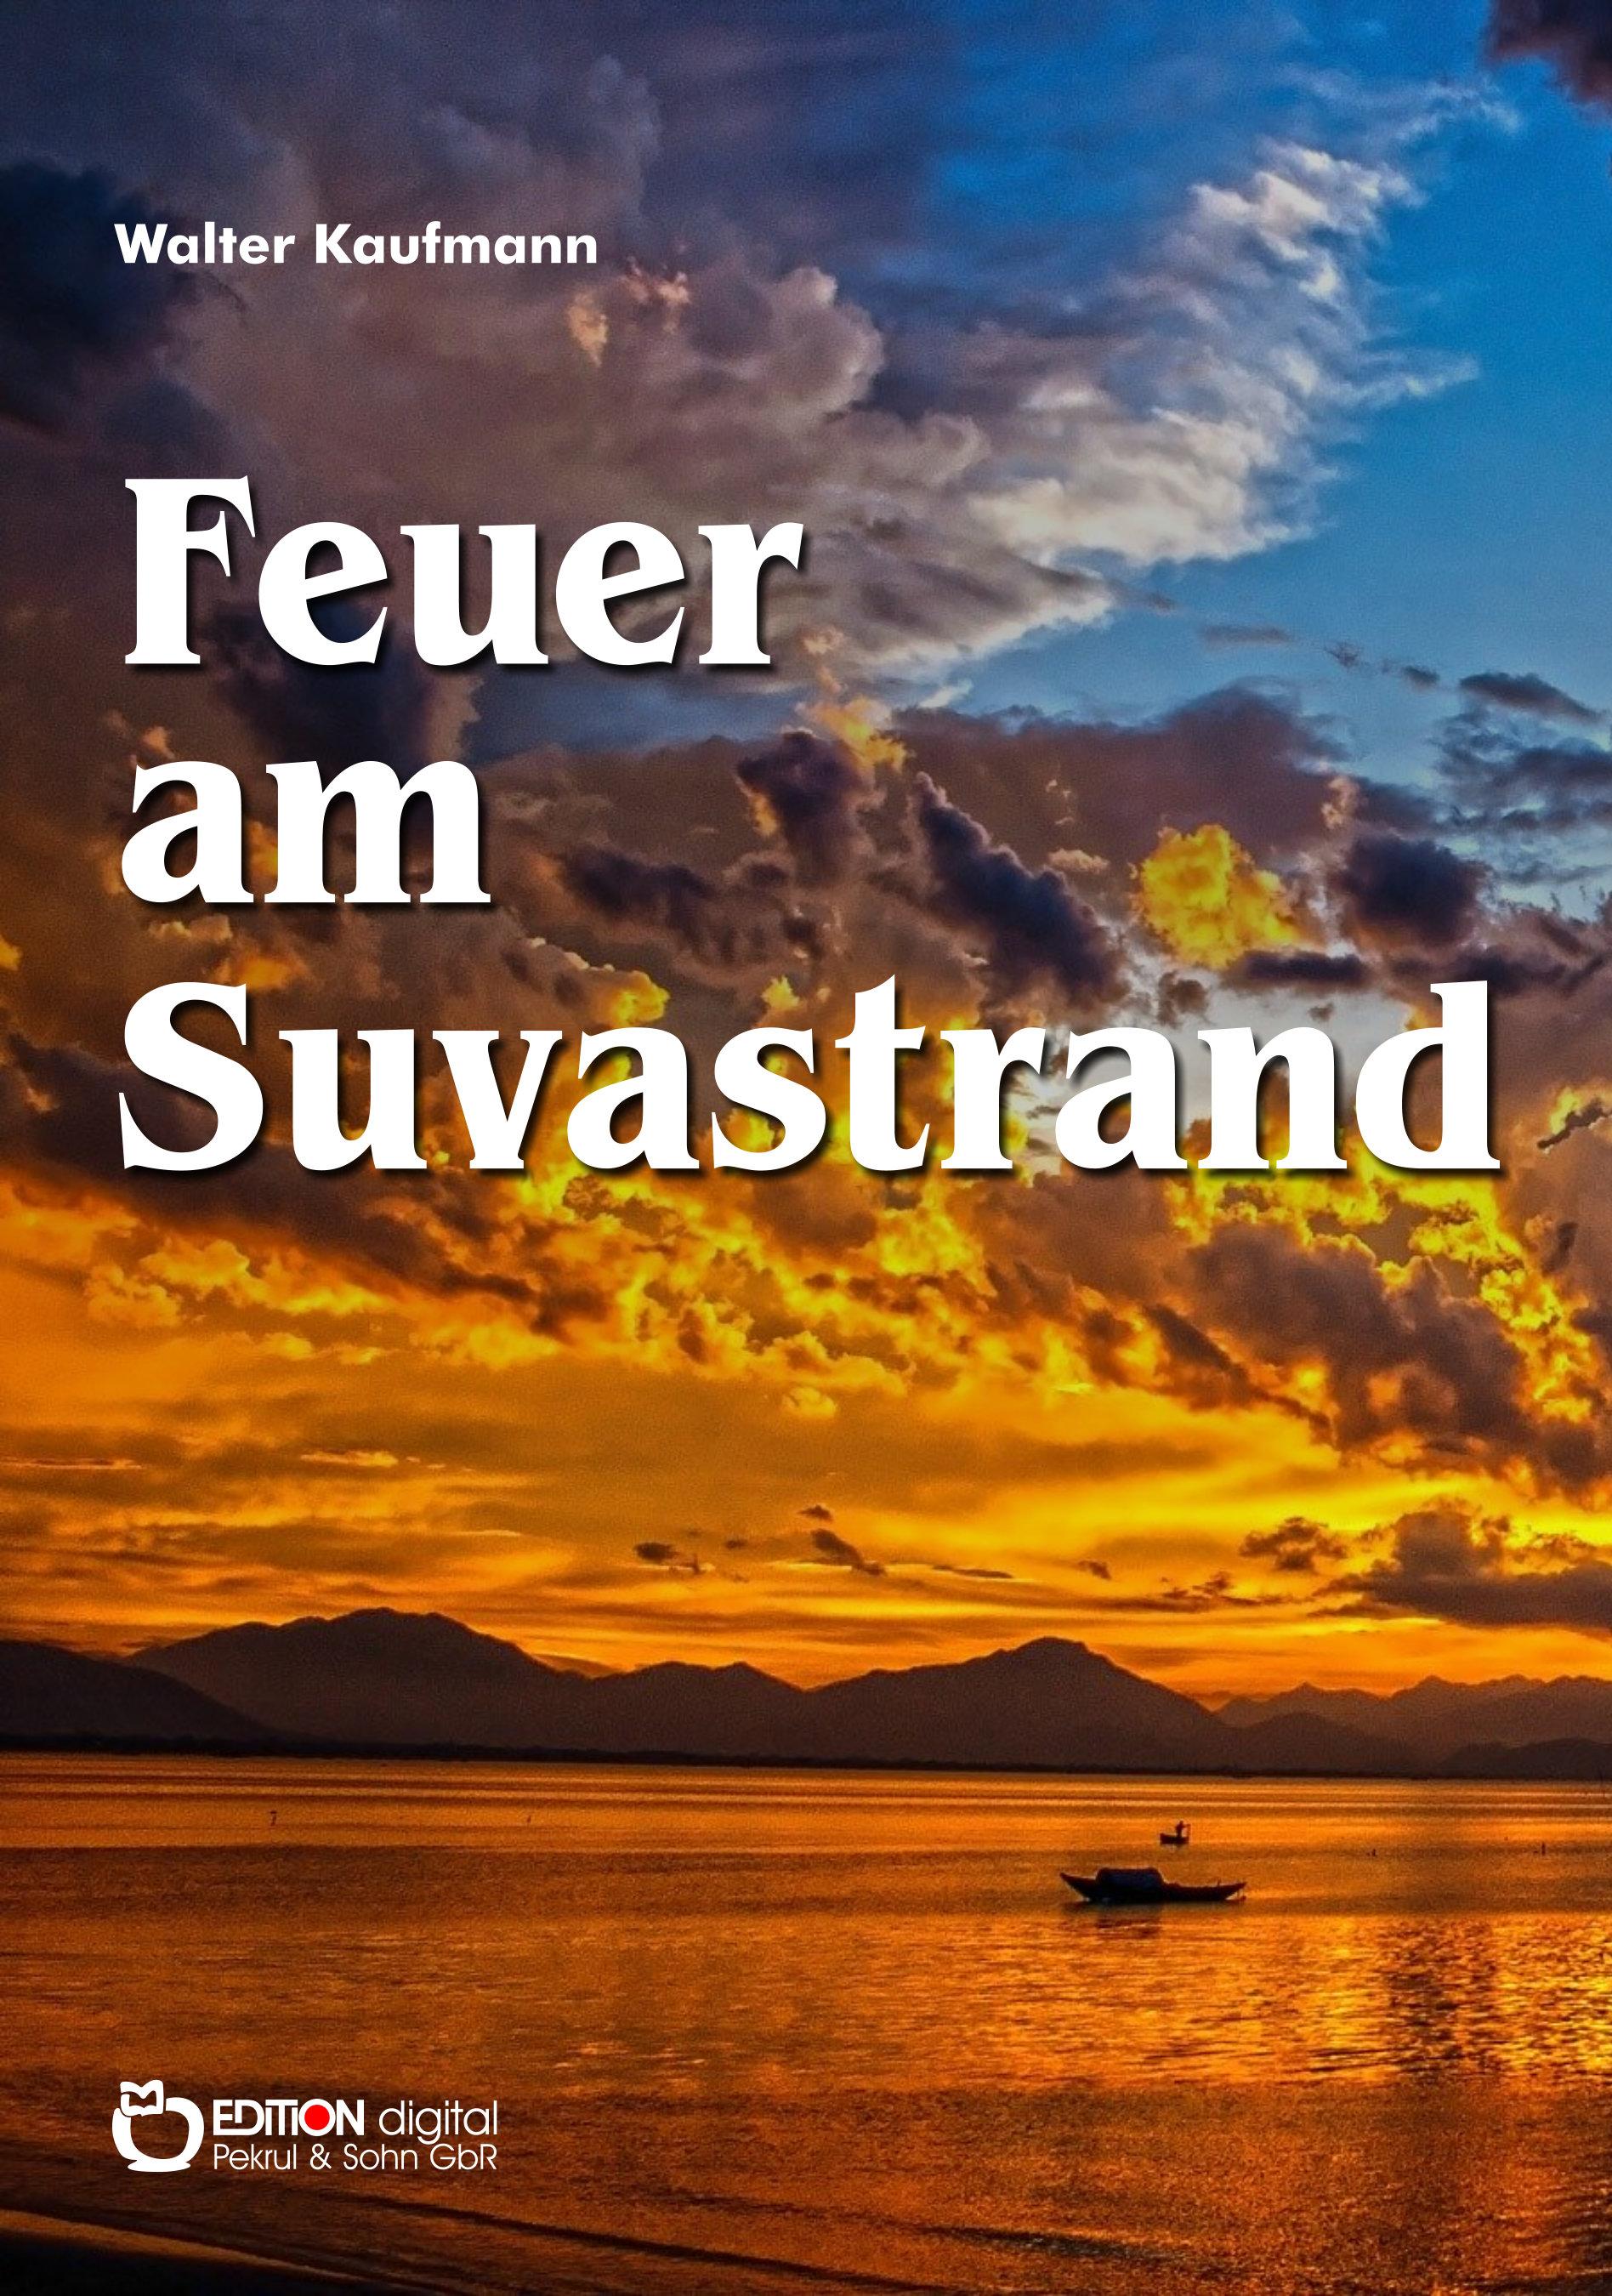 Feuer am Suvastrand. Südseegeschichten von Walter Kaufmann